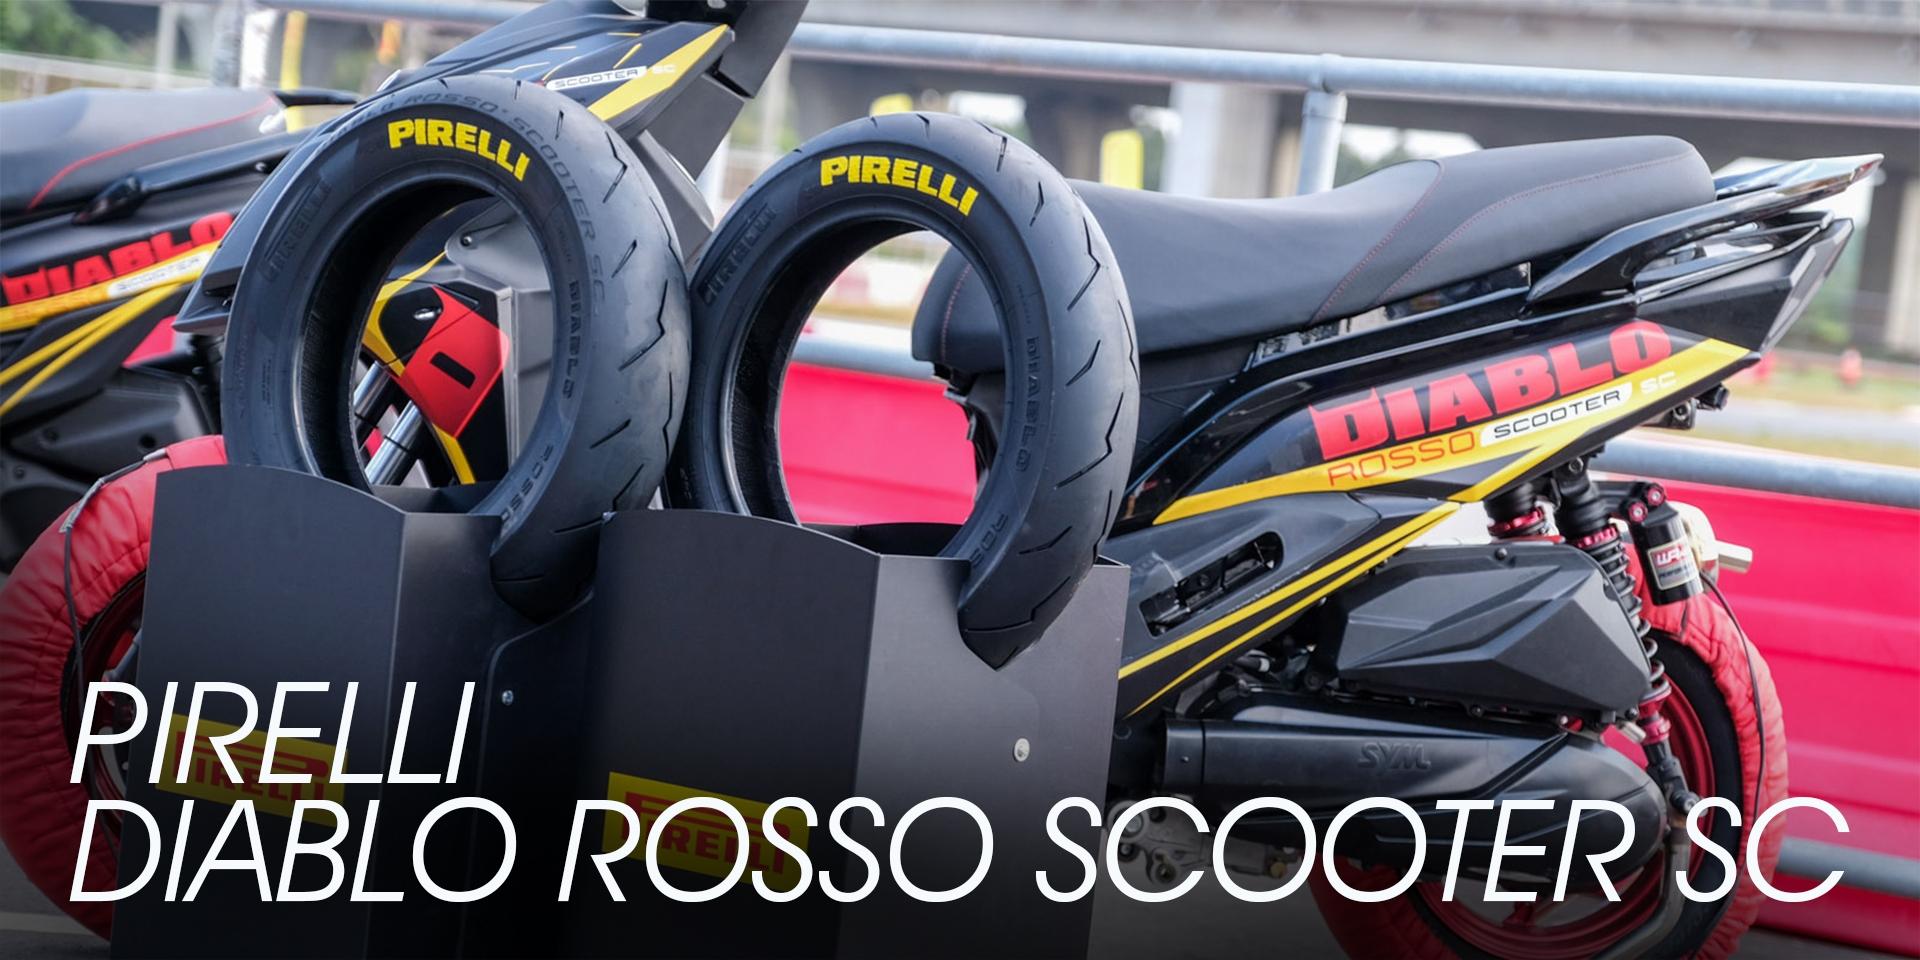 前後一對五千有找!PIRELLI DIABLO ROSSO™ SCOOTER SC 小惡魔速可達賽道胎發表試乘!